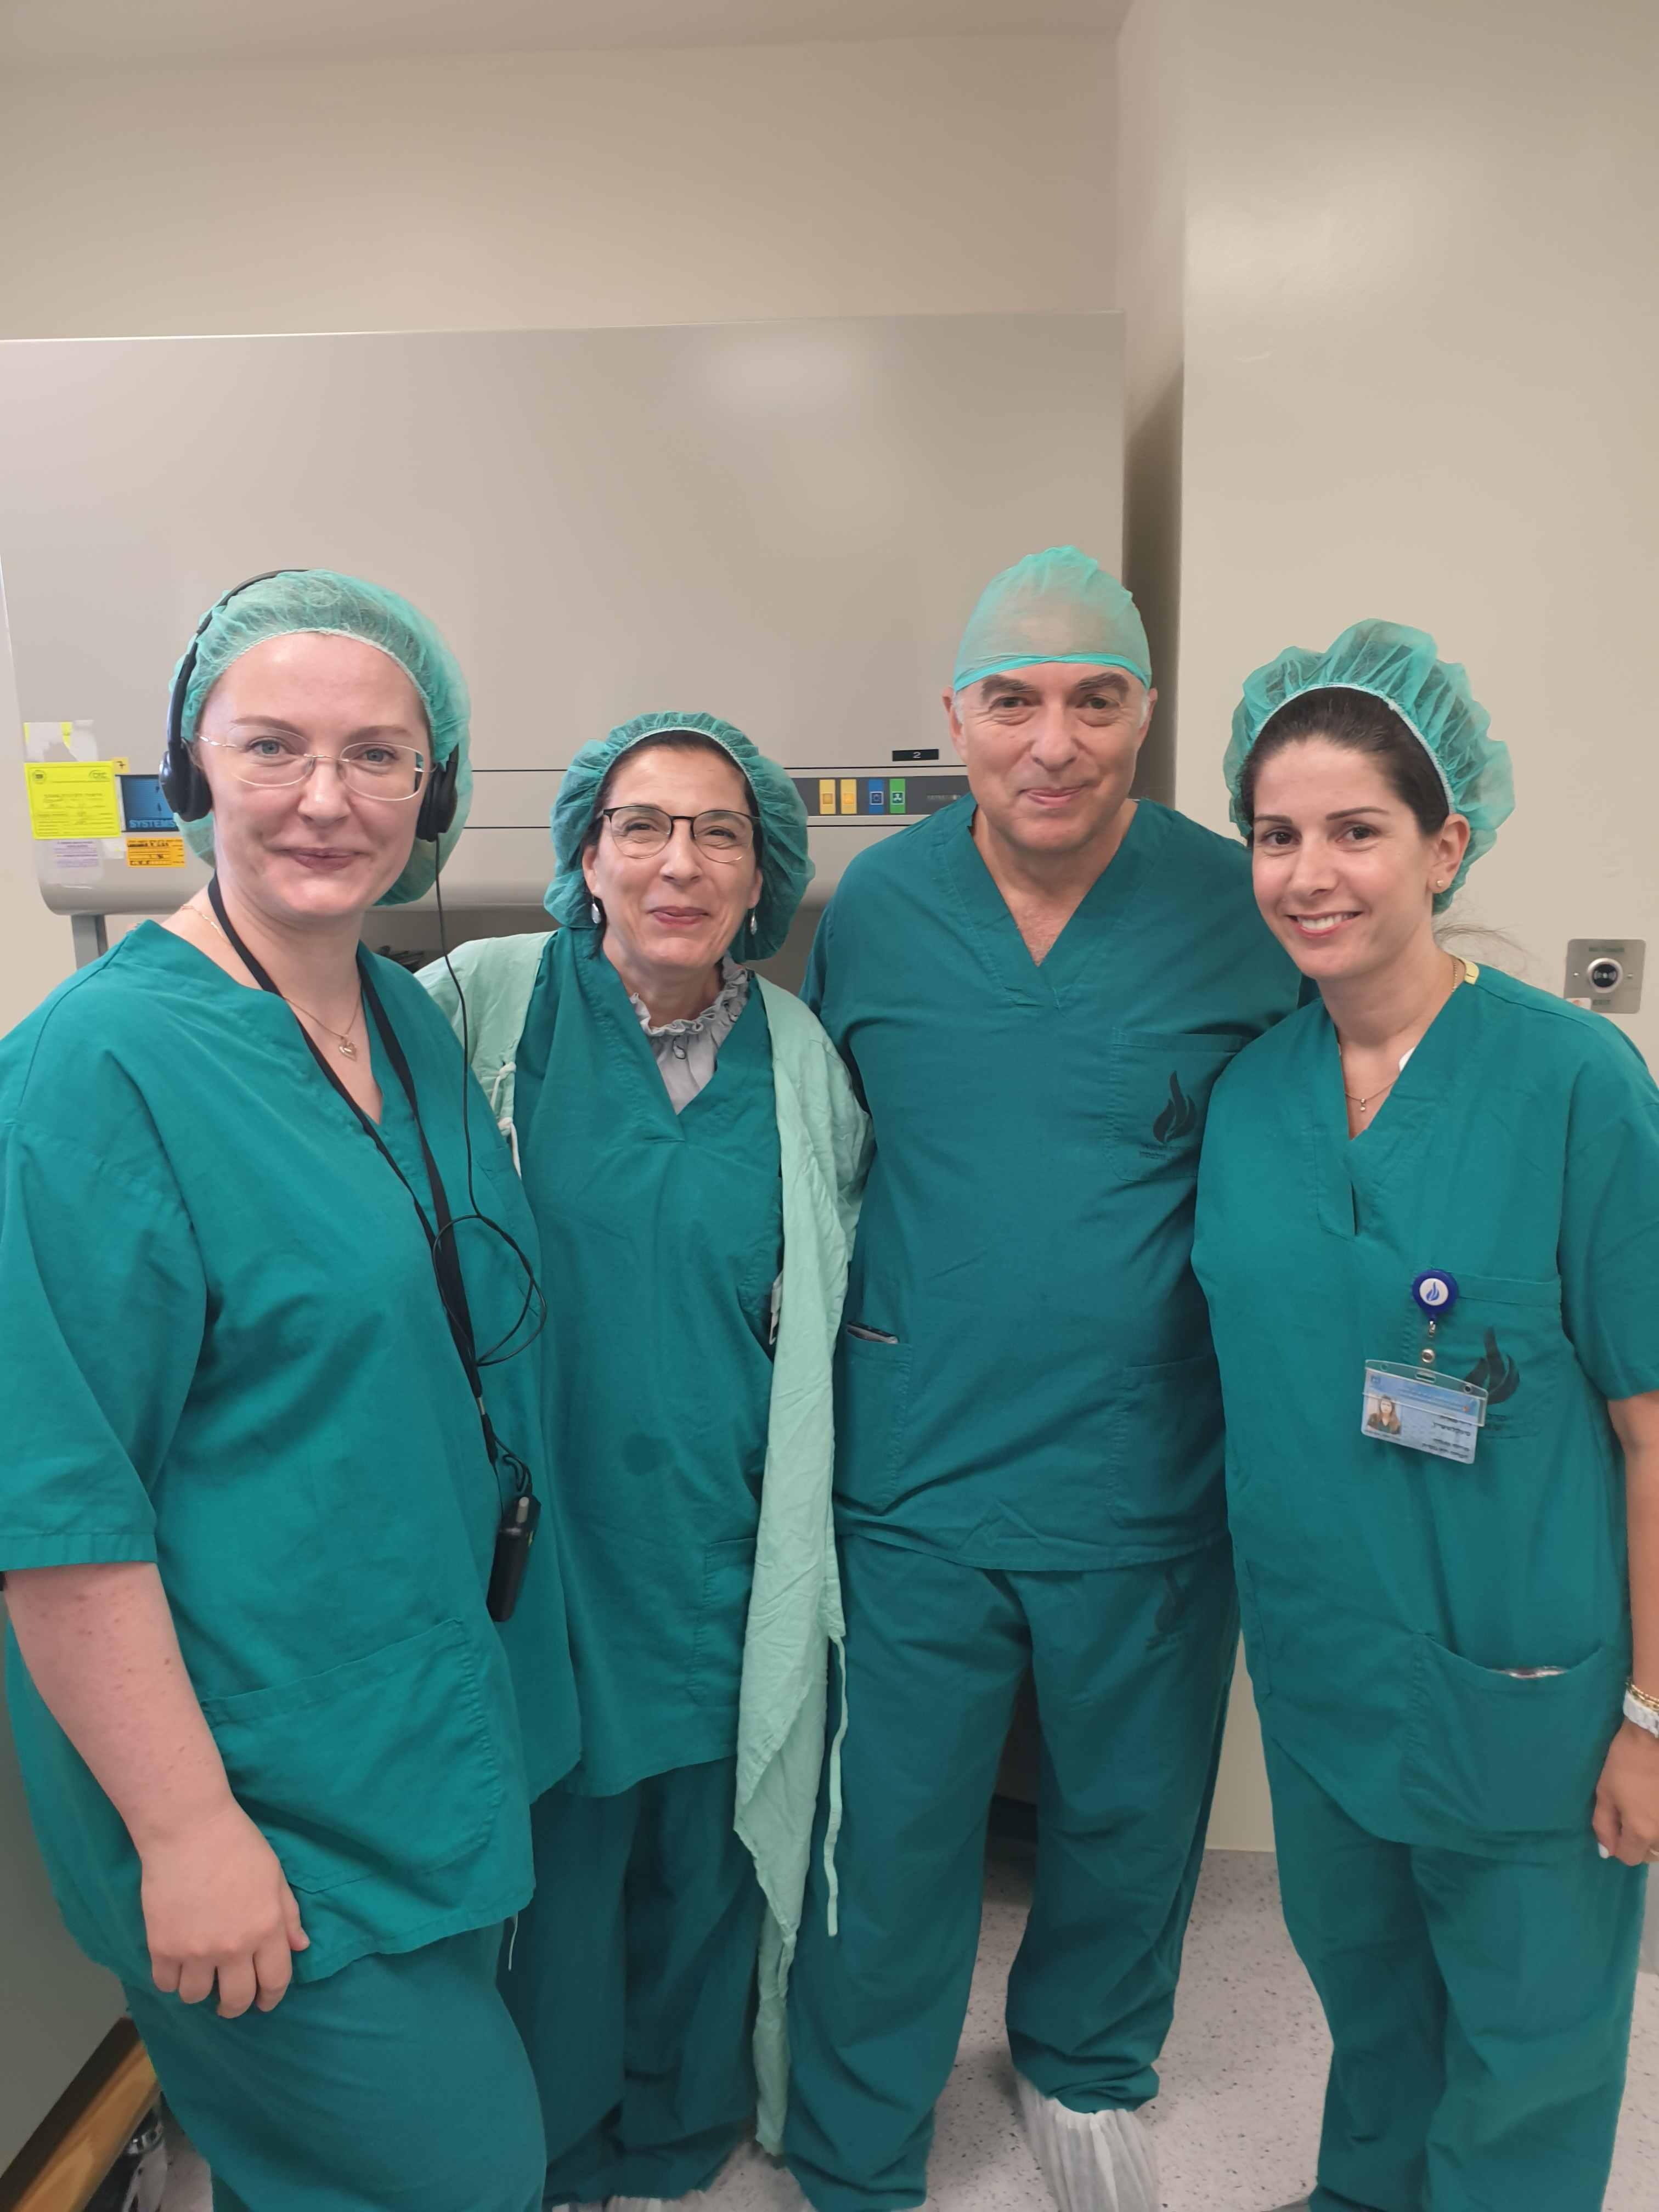 участие в научно-практическом визите группы специалистов в зарубежную клинику ЭКО в Израиле Wolfson Hospital.